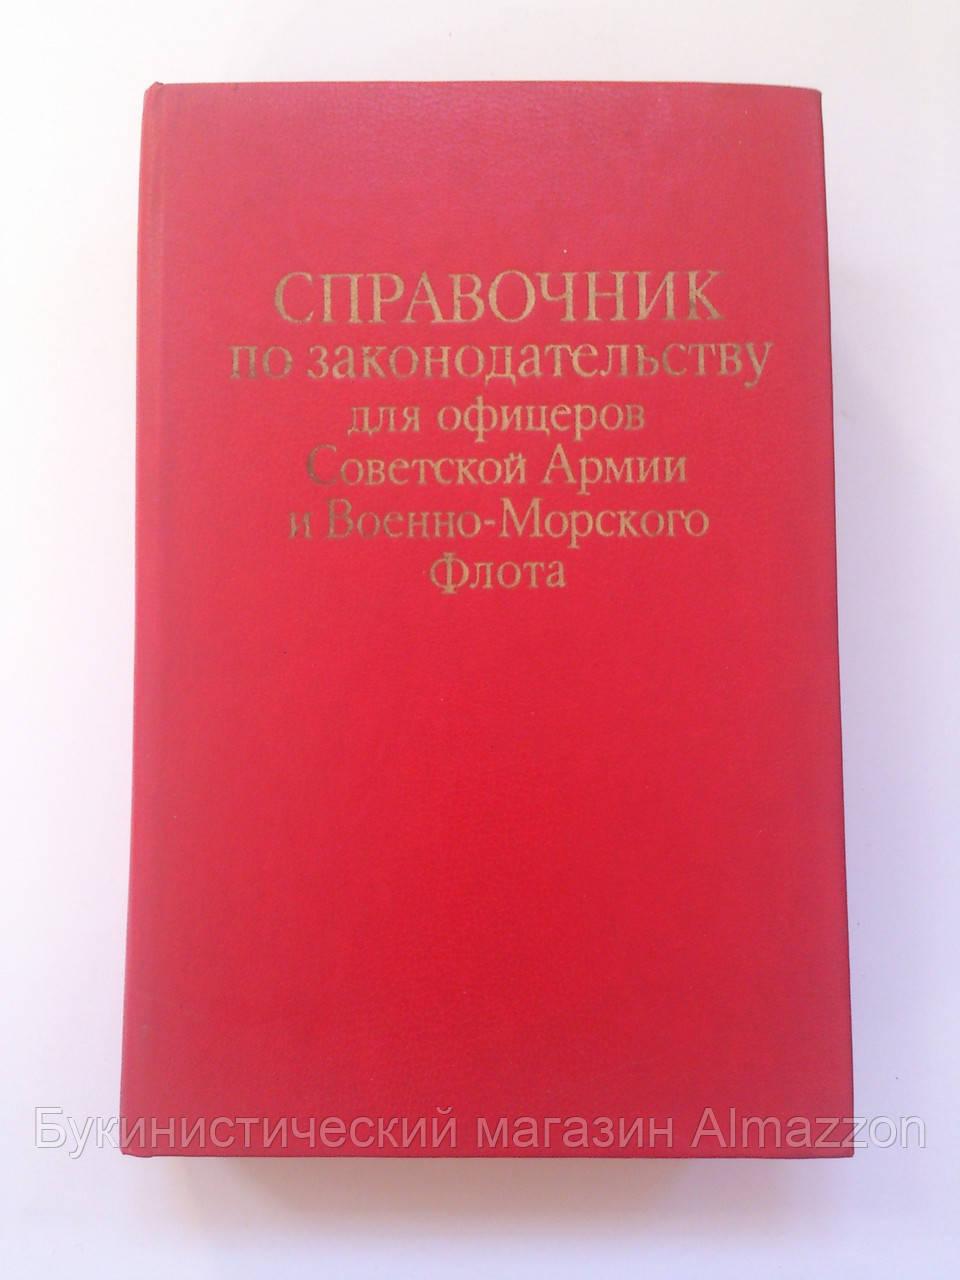 Волков Л. Справочник по законодательству для офицеров Советской Армии и Военно-Морского Флота